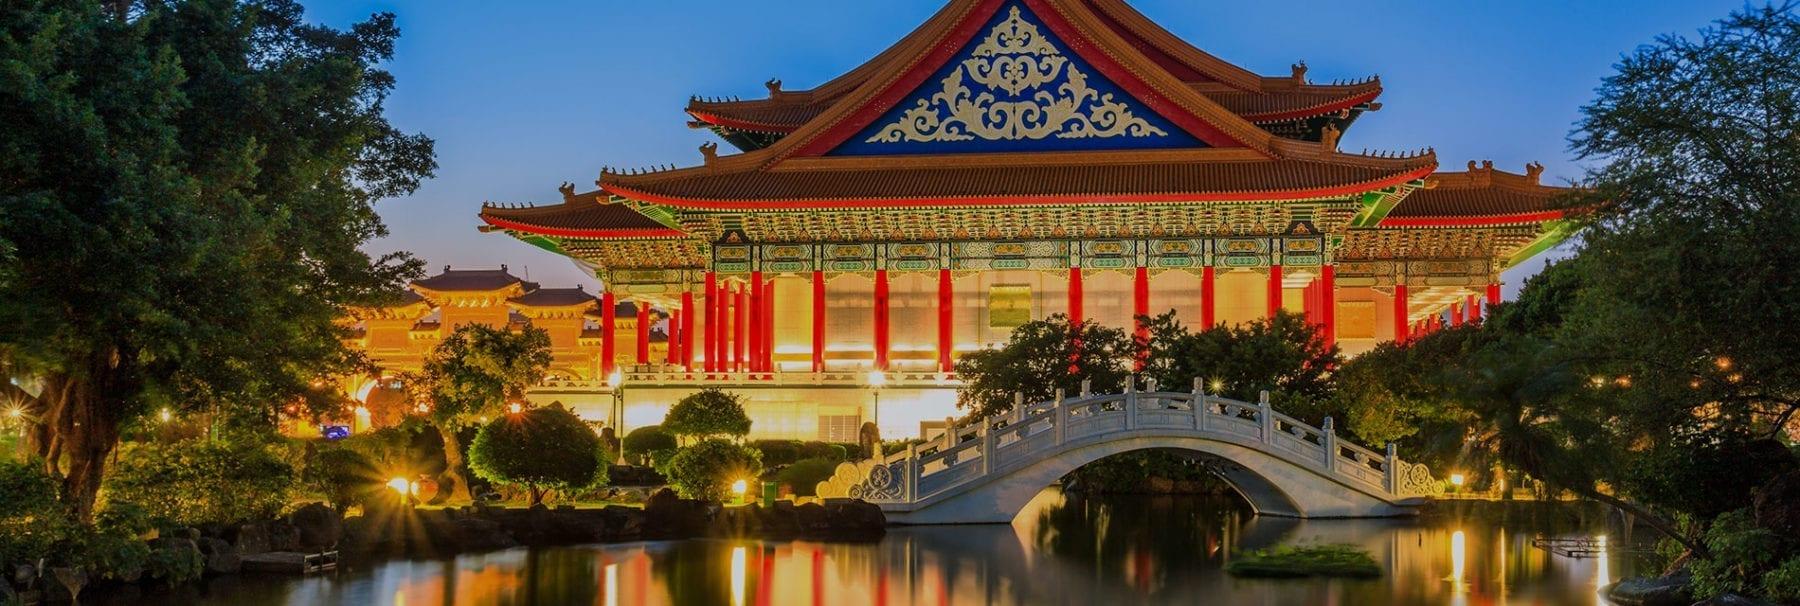 medical-tourism-destination-taiwan-